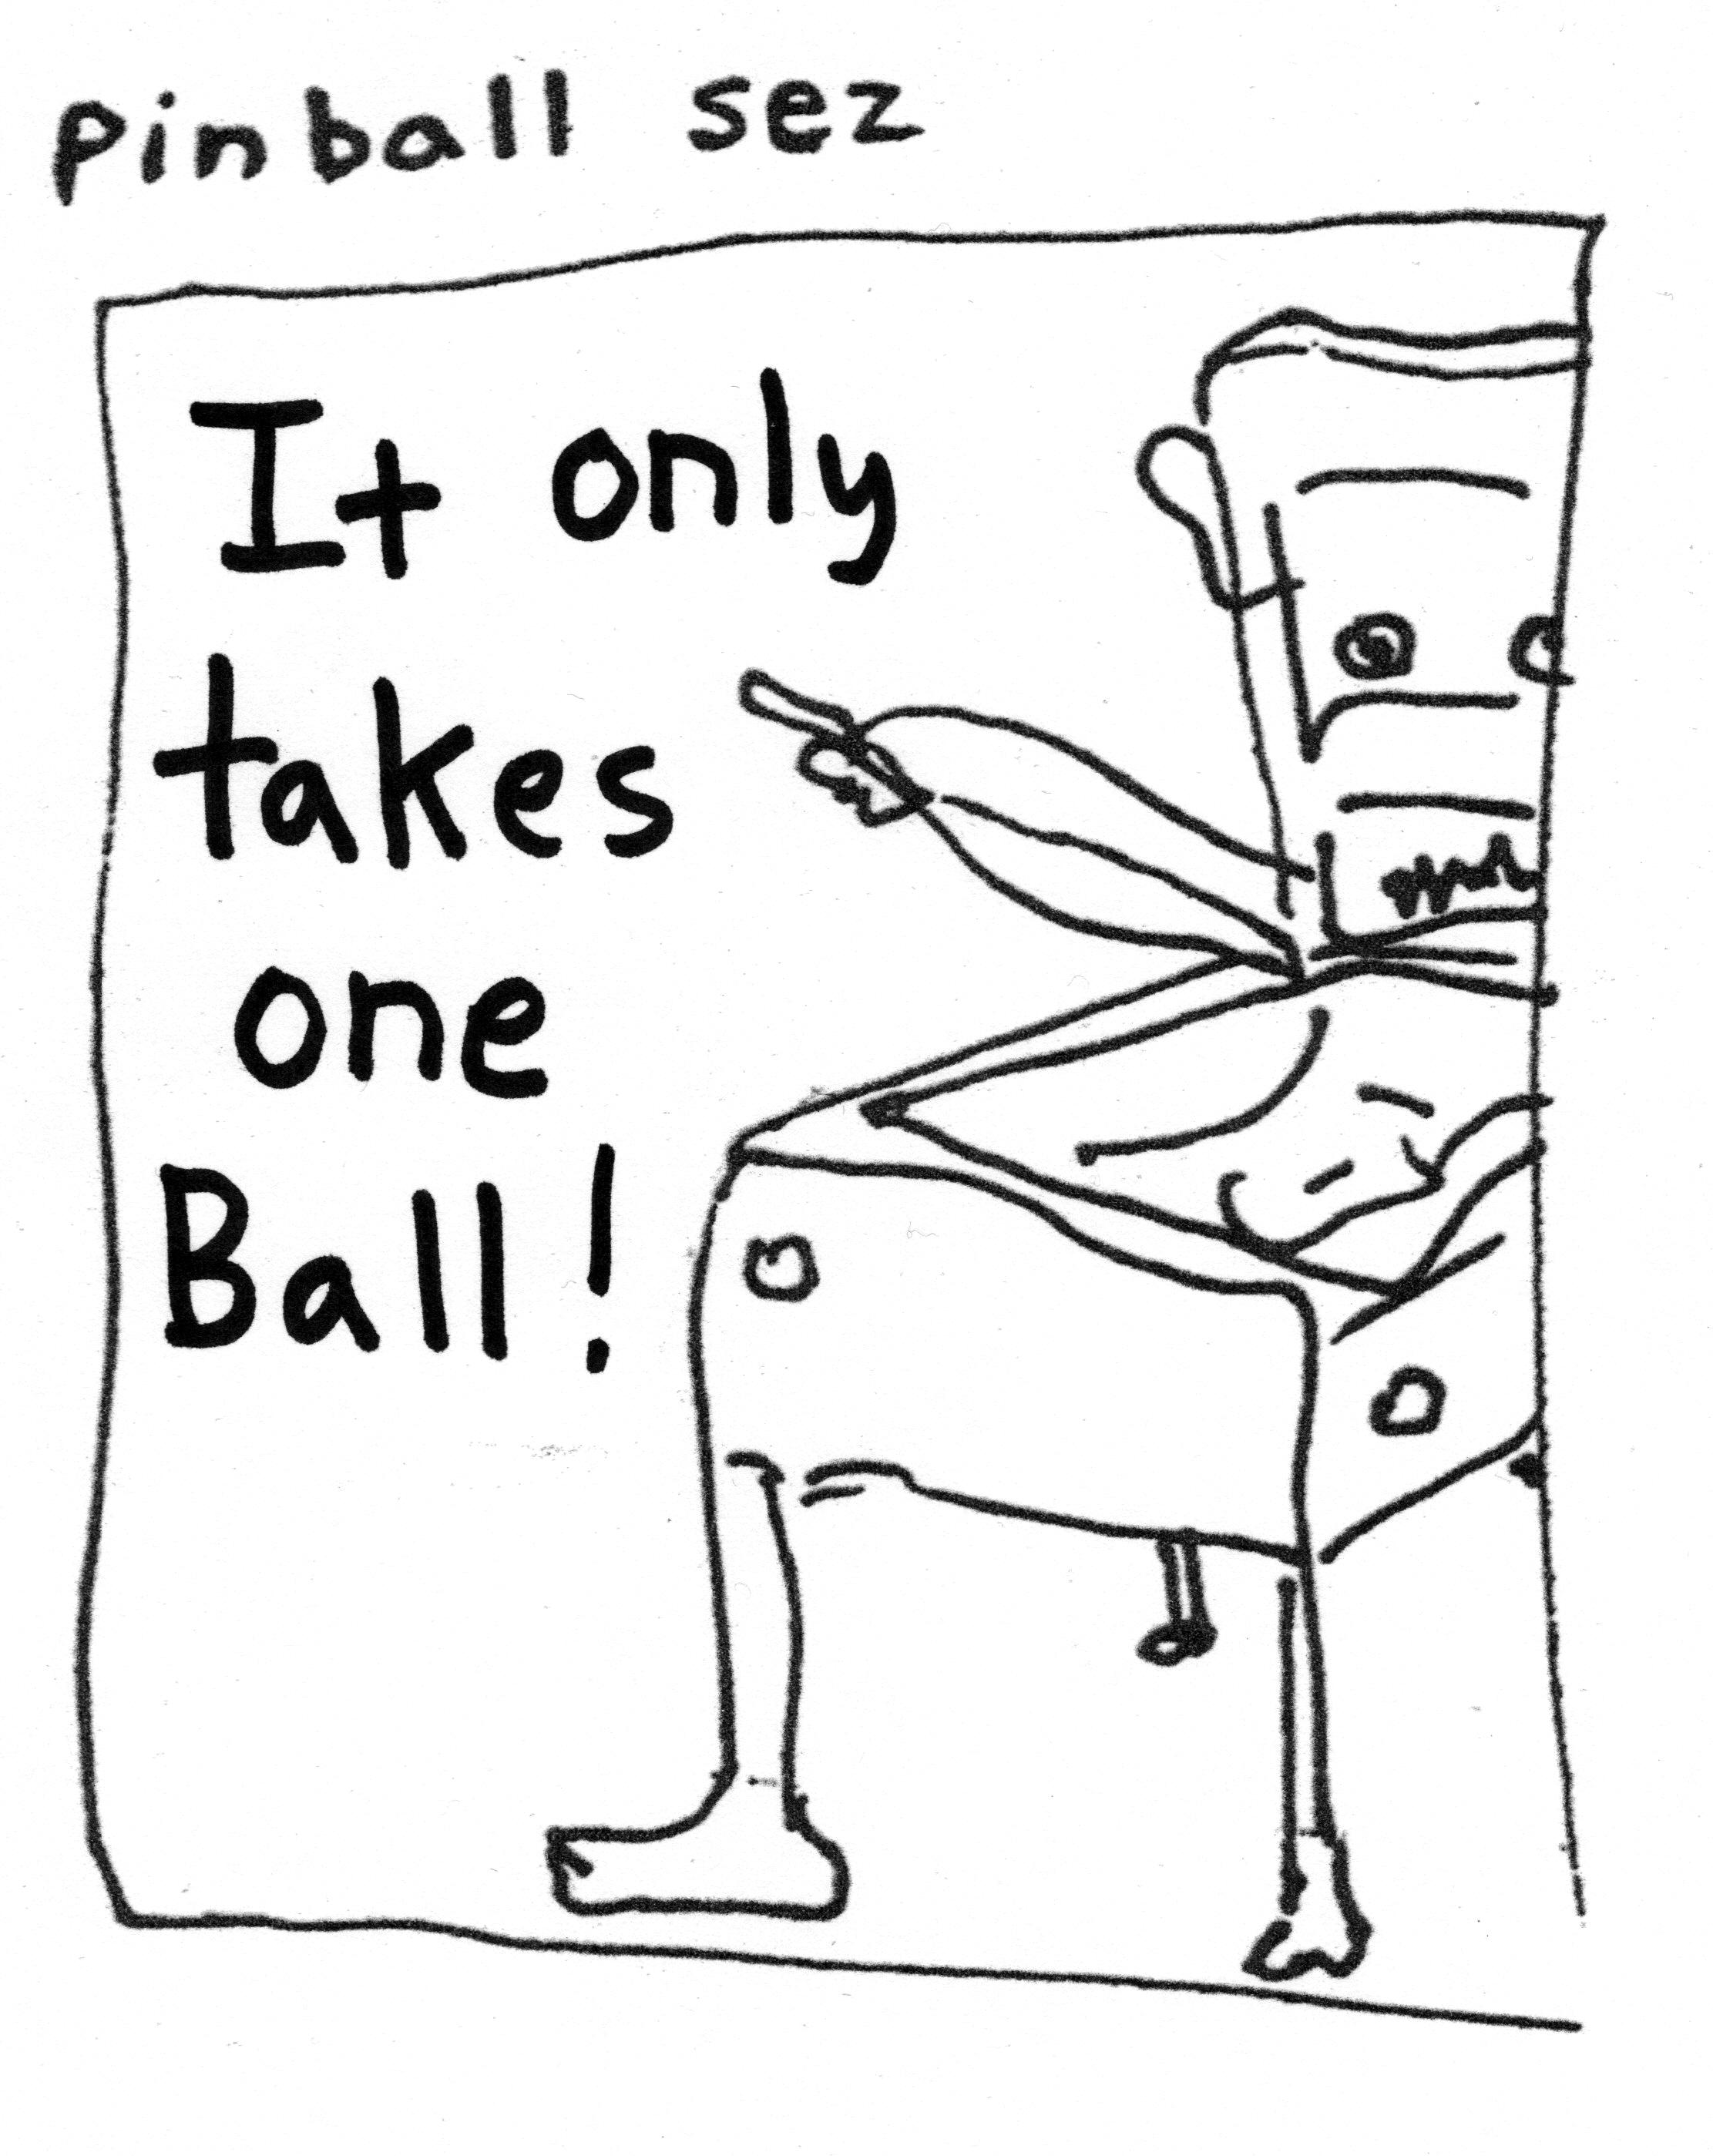 Pinball Sez